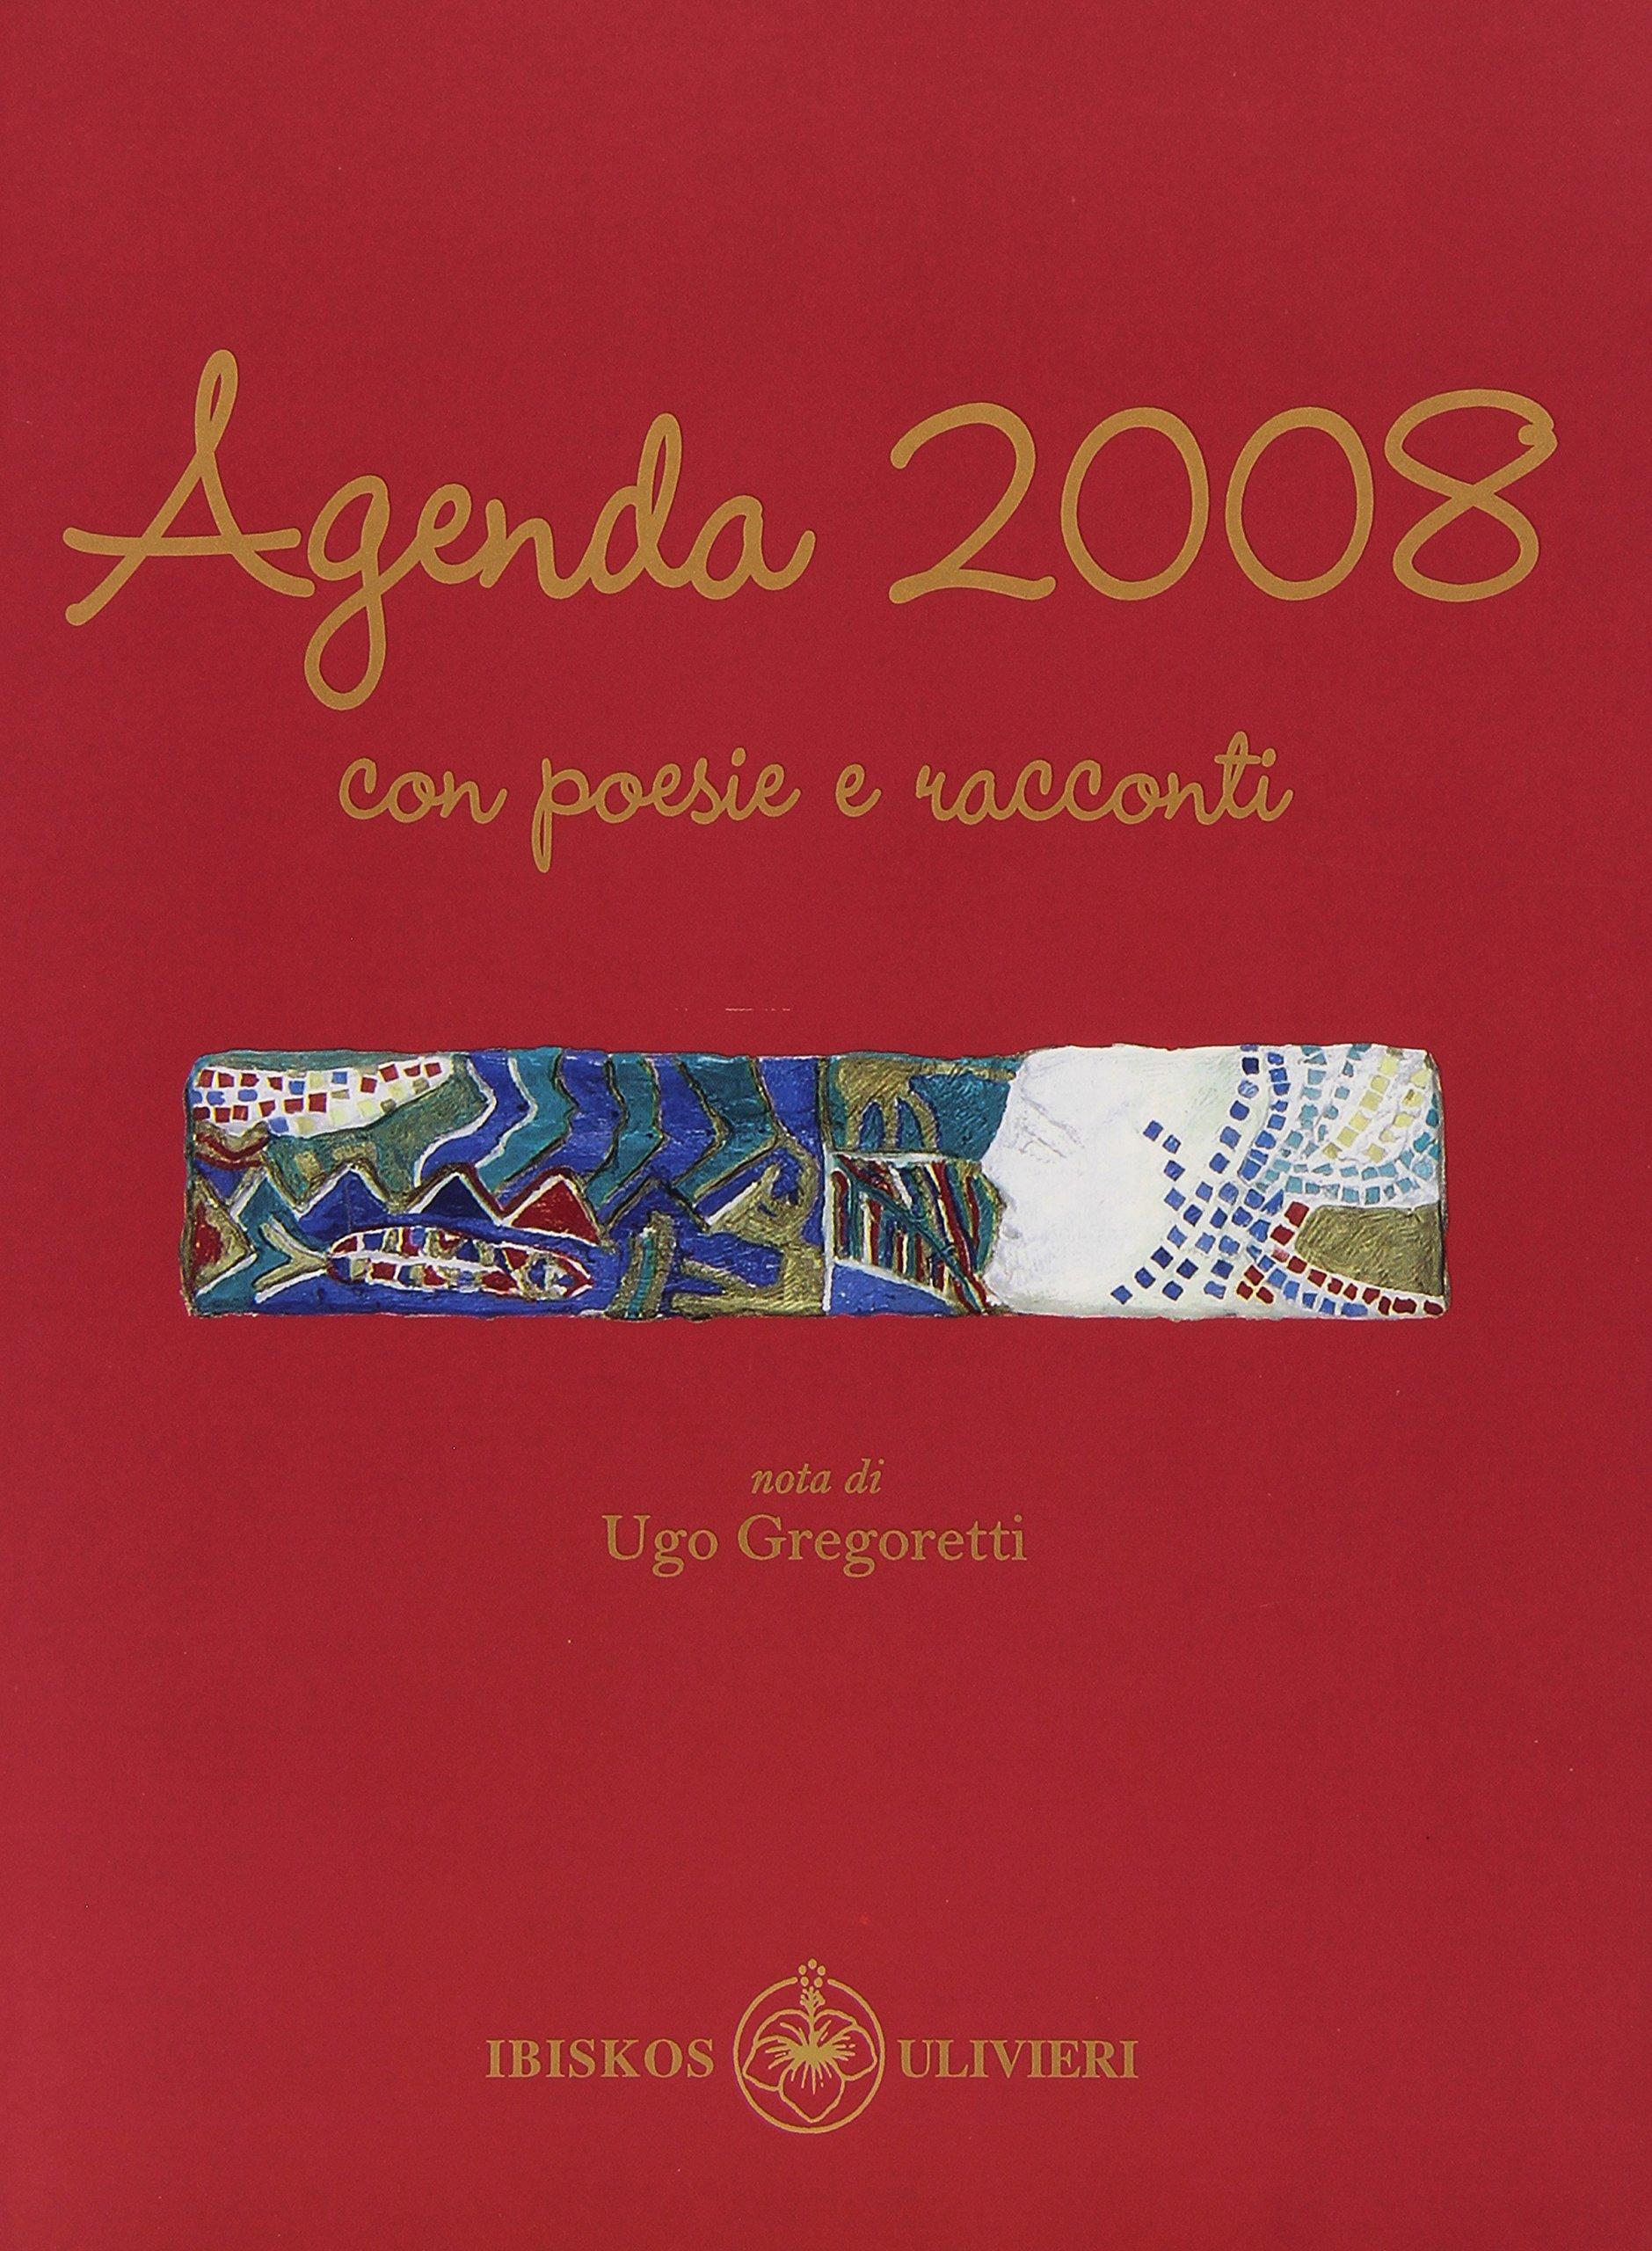 Agenda 2008: Amazon.es: Libros en idiomas extranjeros